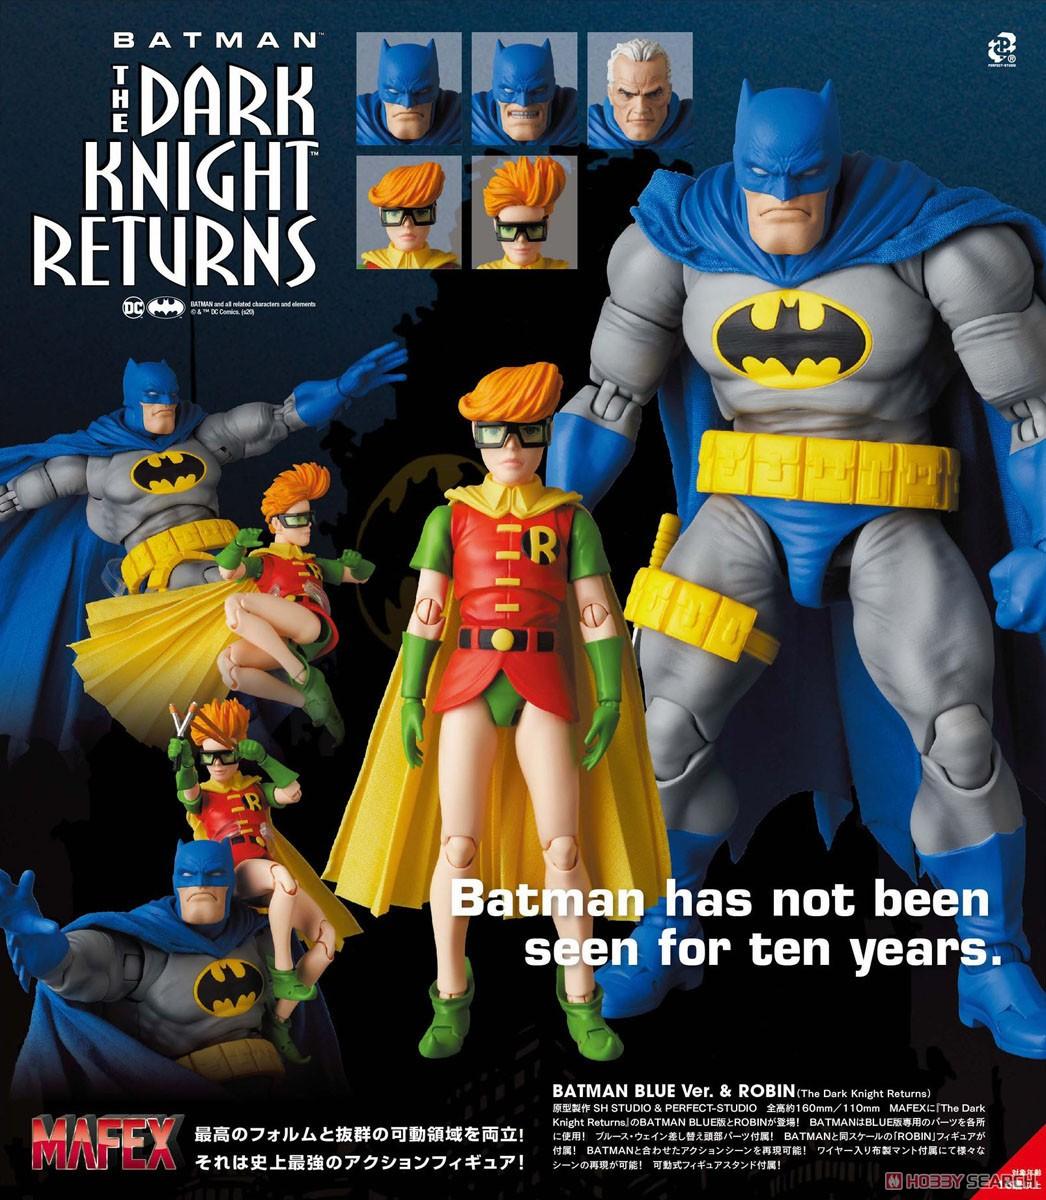 マフェックス No.133『MAFEX BATMAN BLUE Ver. & ROBIN(The Dark Knight Returns)/バットマン&ロビン』可動フィギュア-013